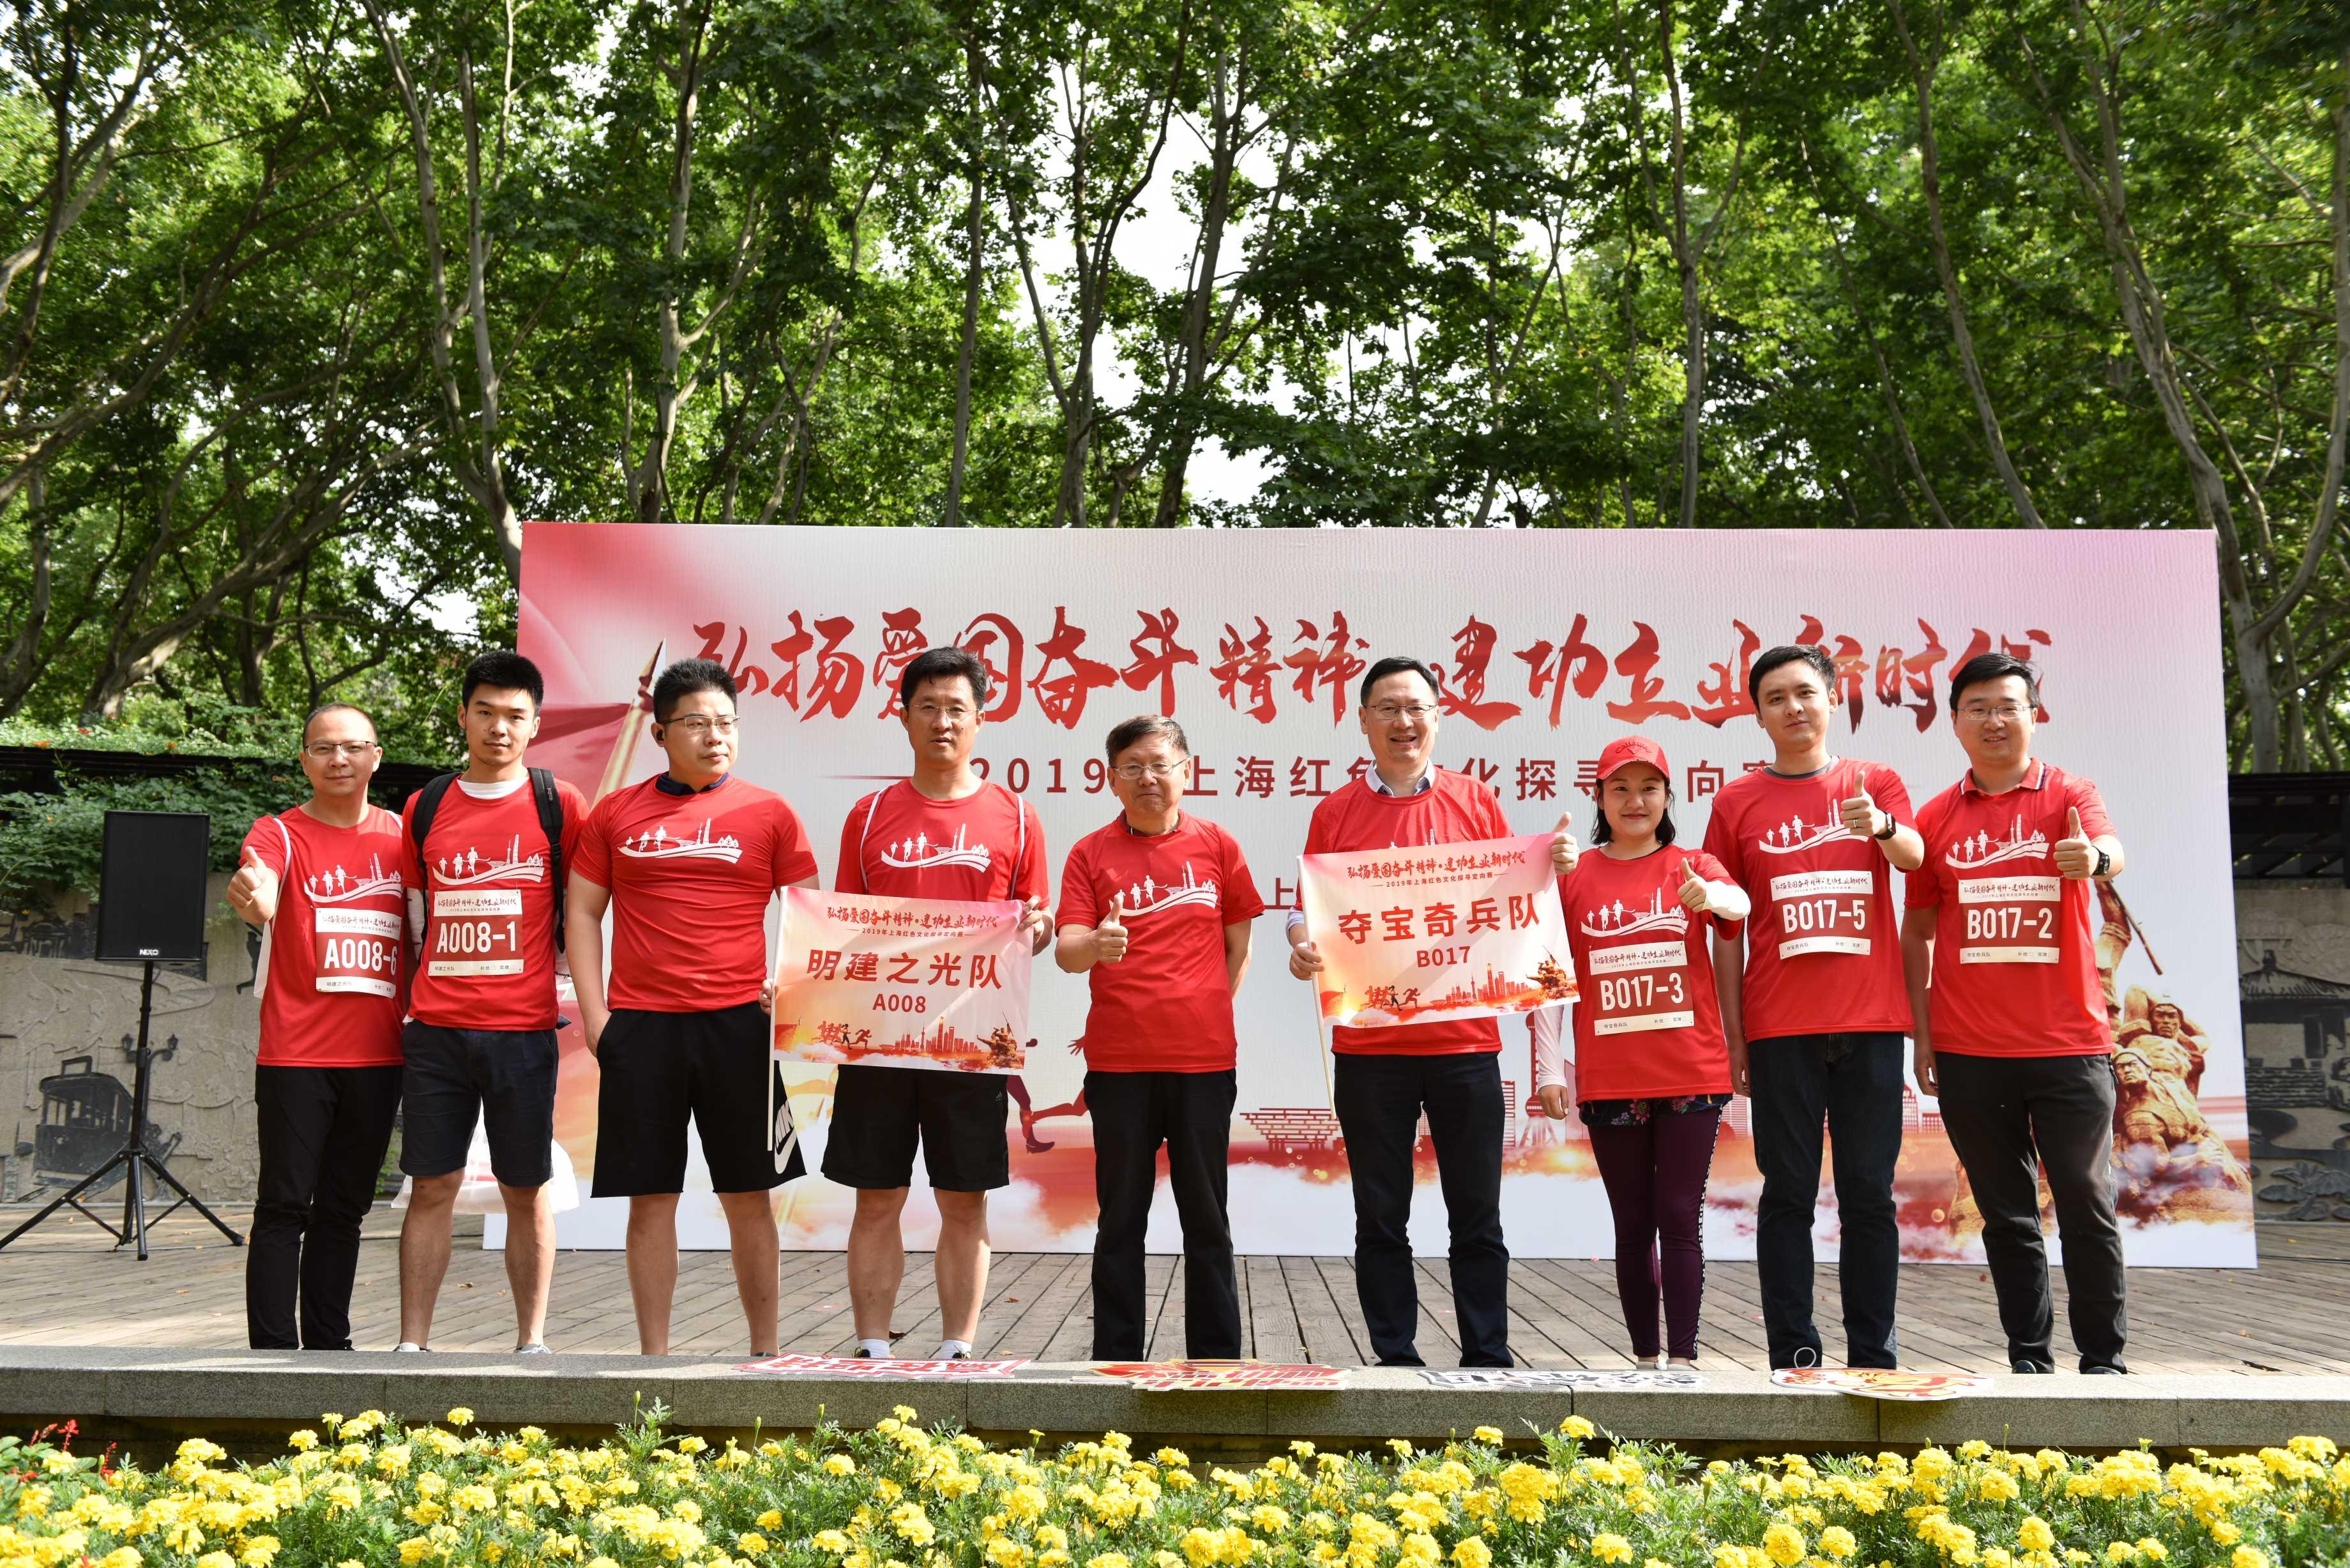 上海�e金融党委定向赛-DSC_0578